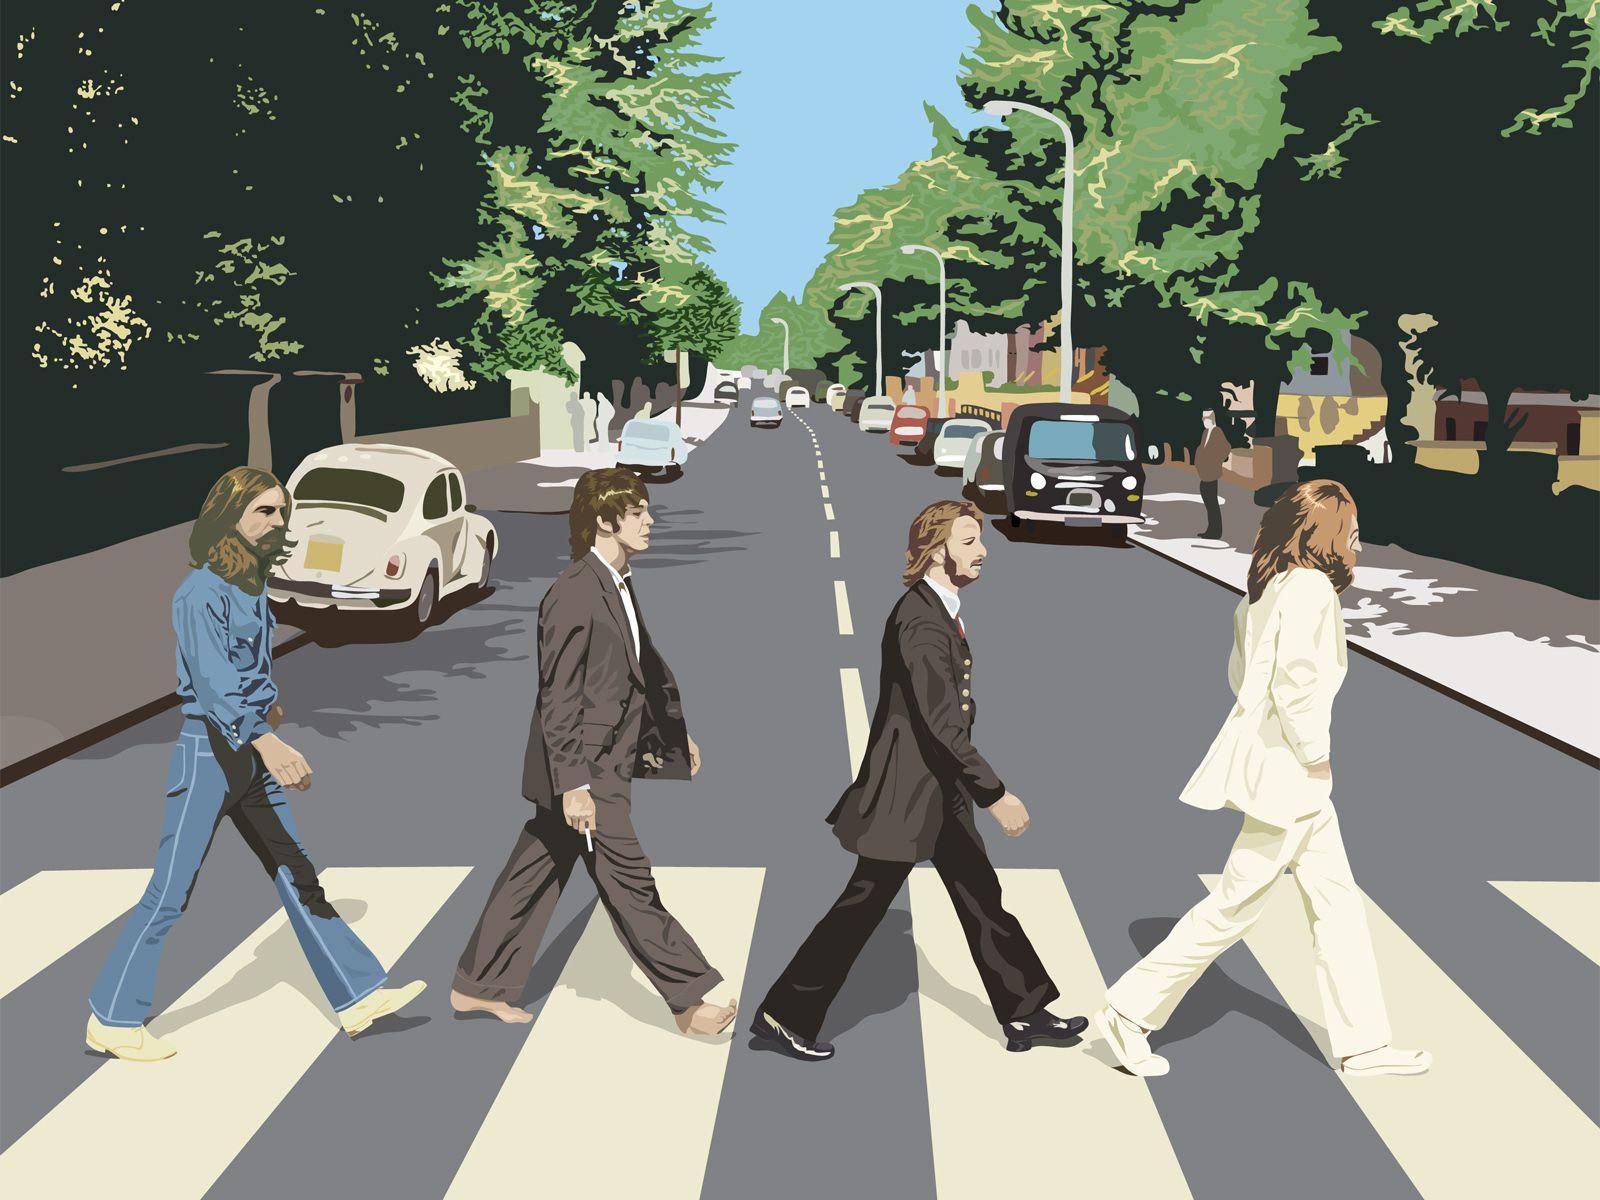 Wallpaper Blink The Beatles Wallpaper Hd 11 1600 X 1200